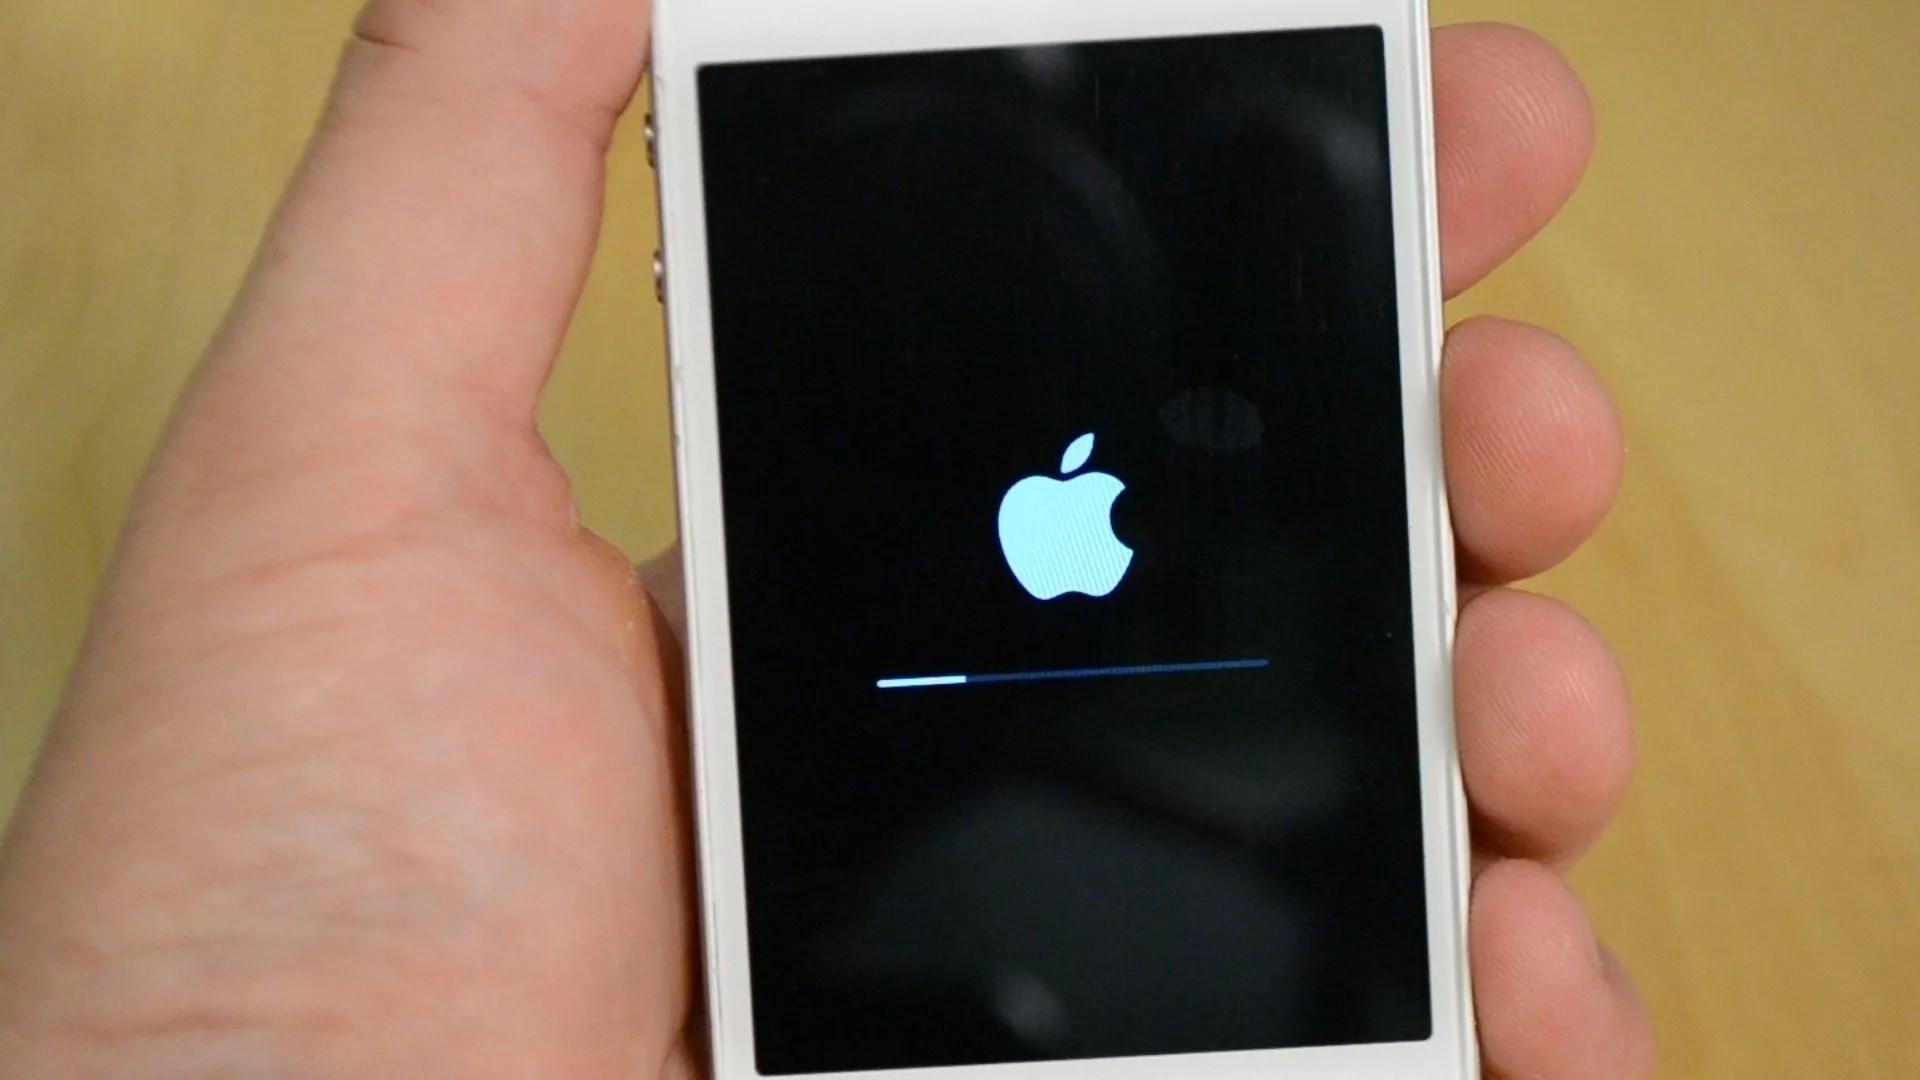 Đặt lại cài đặt iPhone